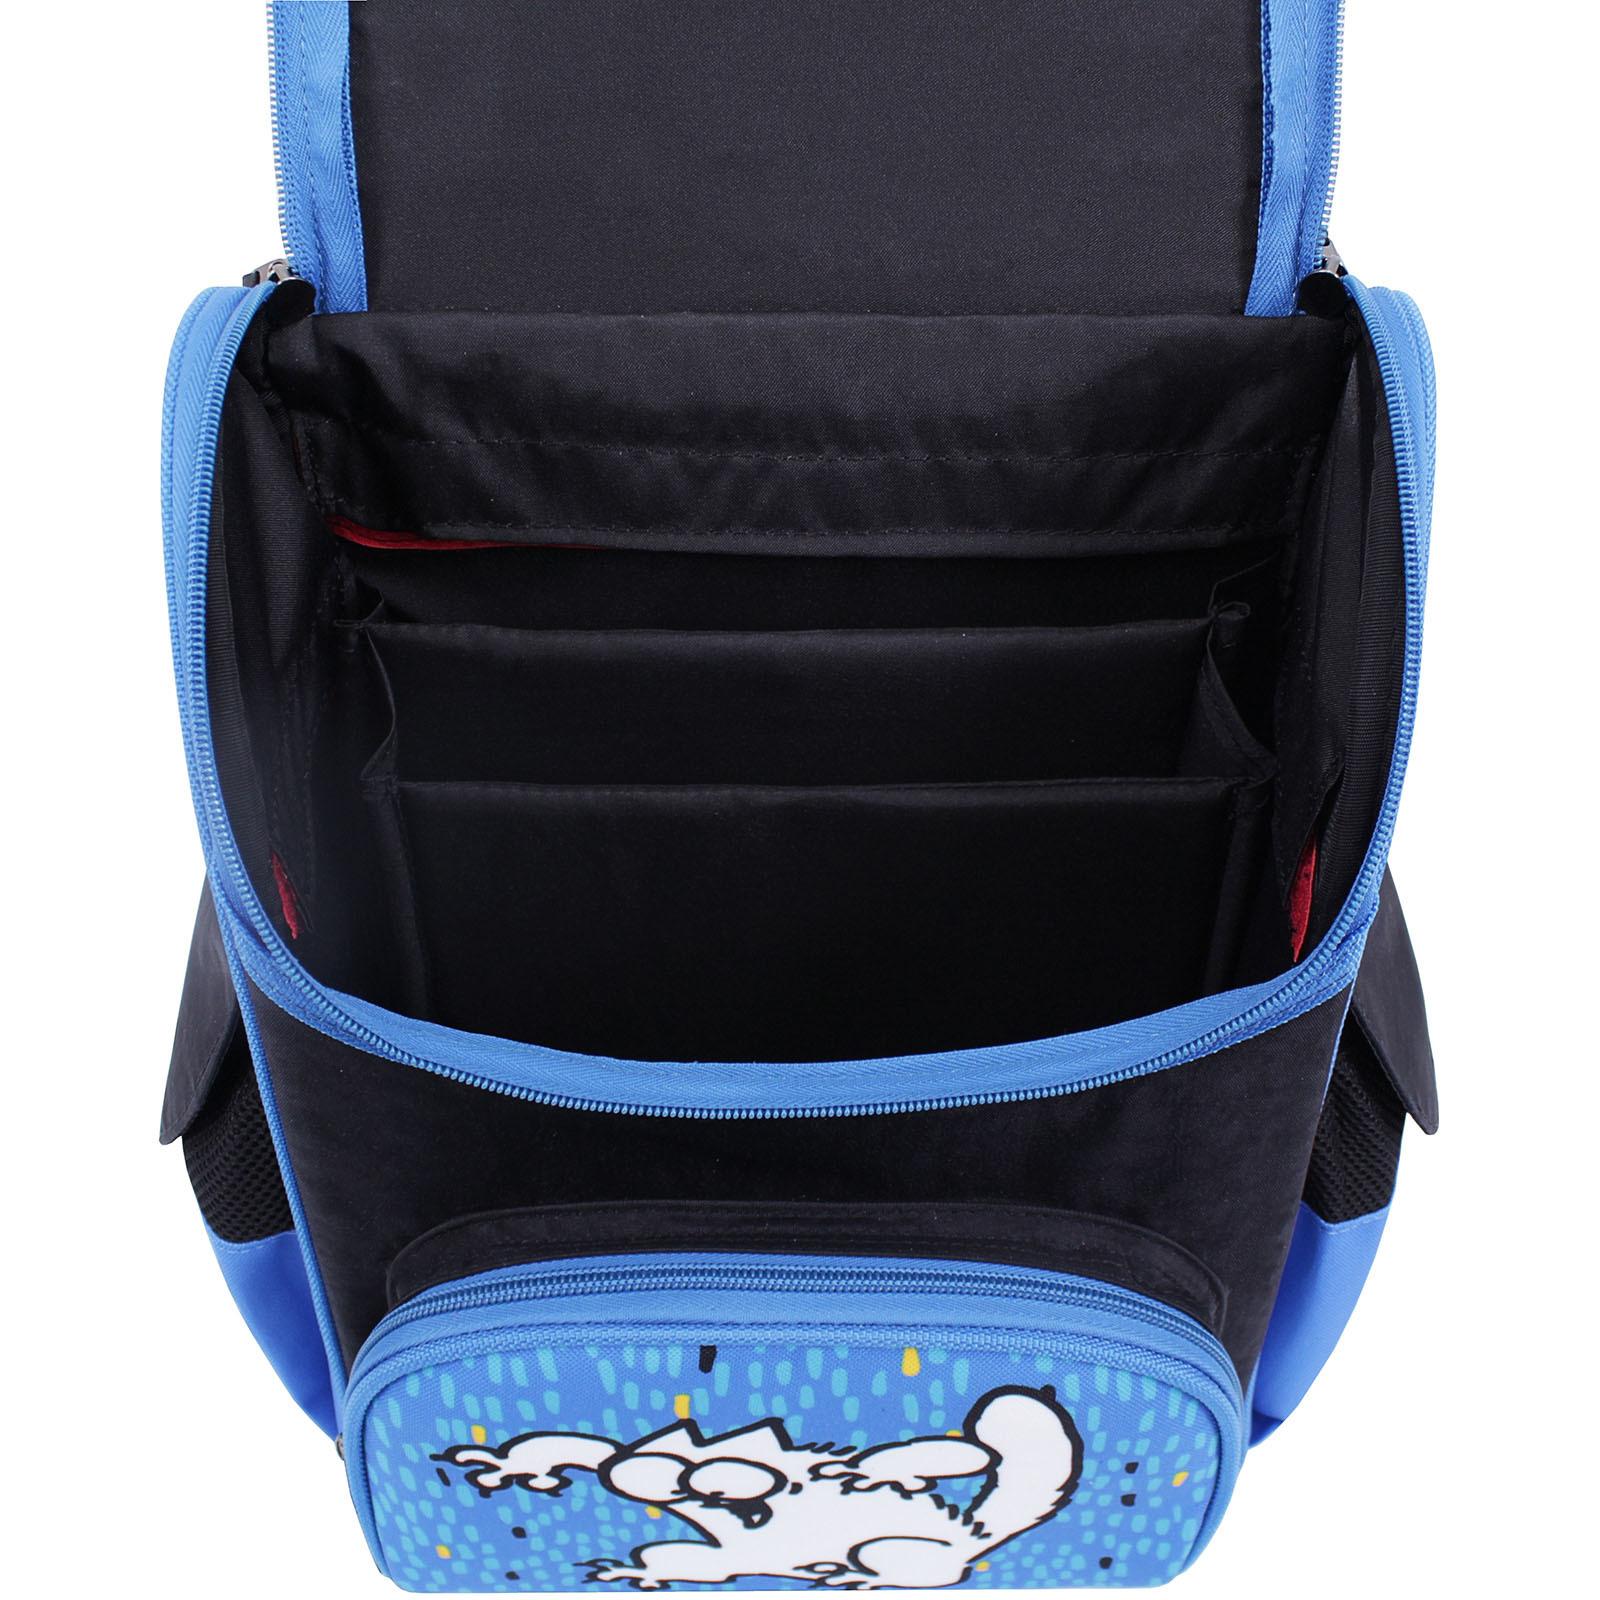 Рюкзак школьный каркасный Bagland Успех 12 л. Черный 362 (00551702) фото 4